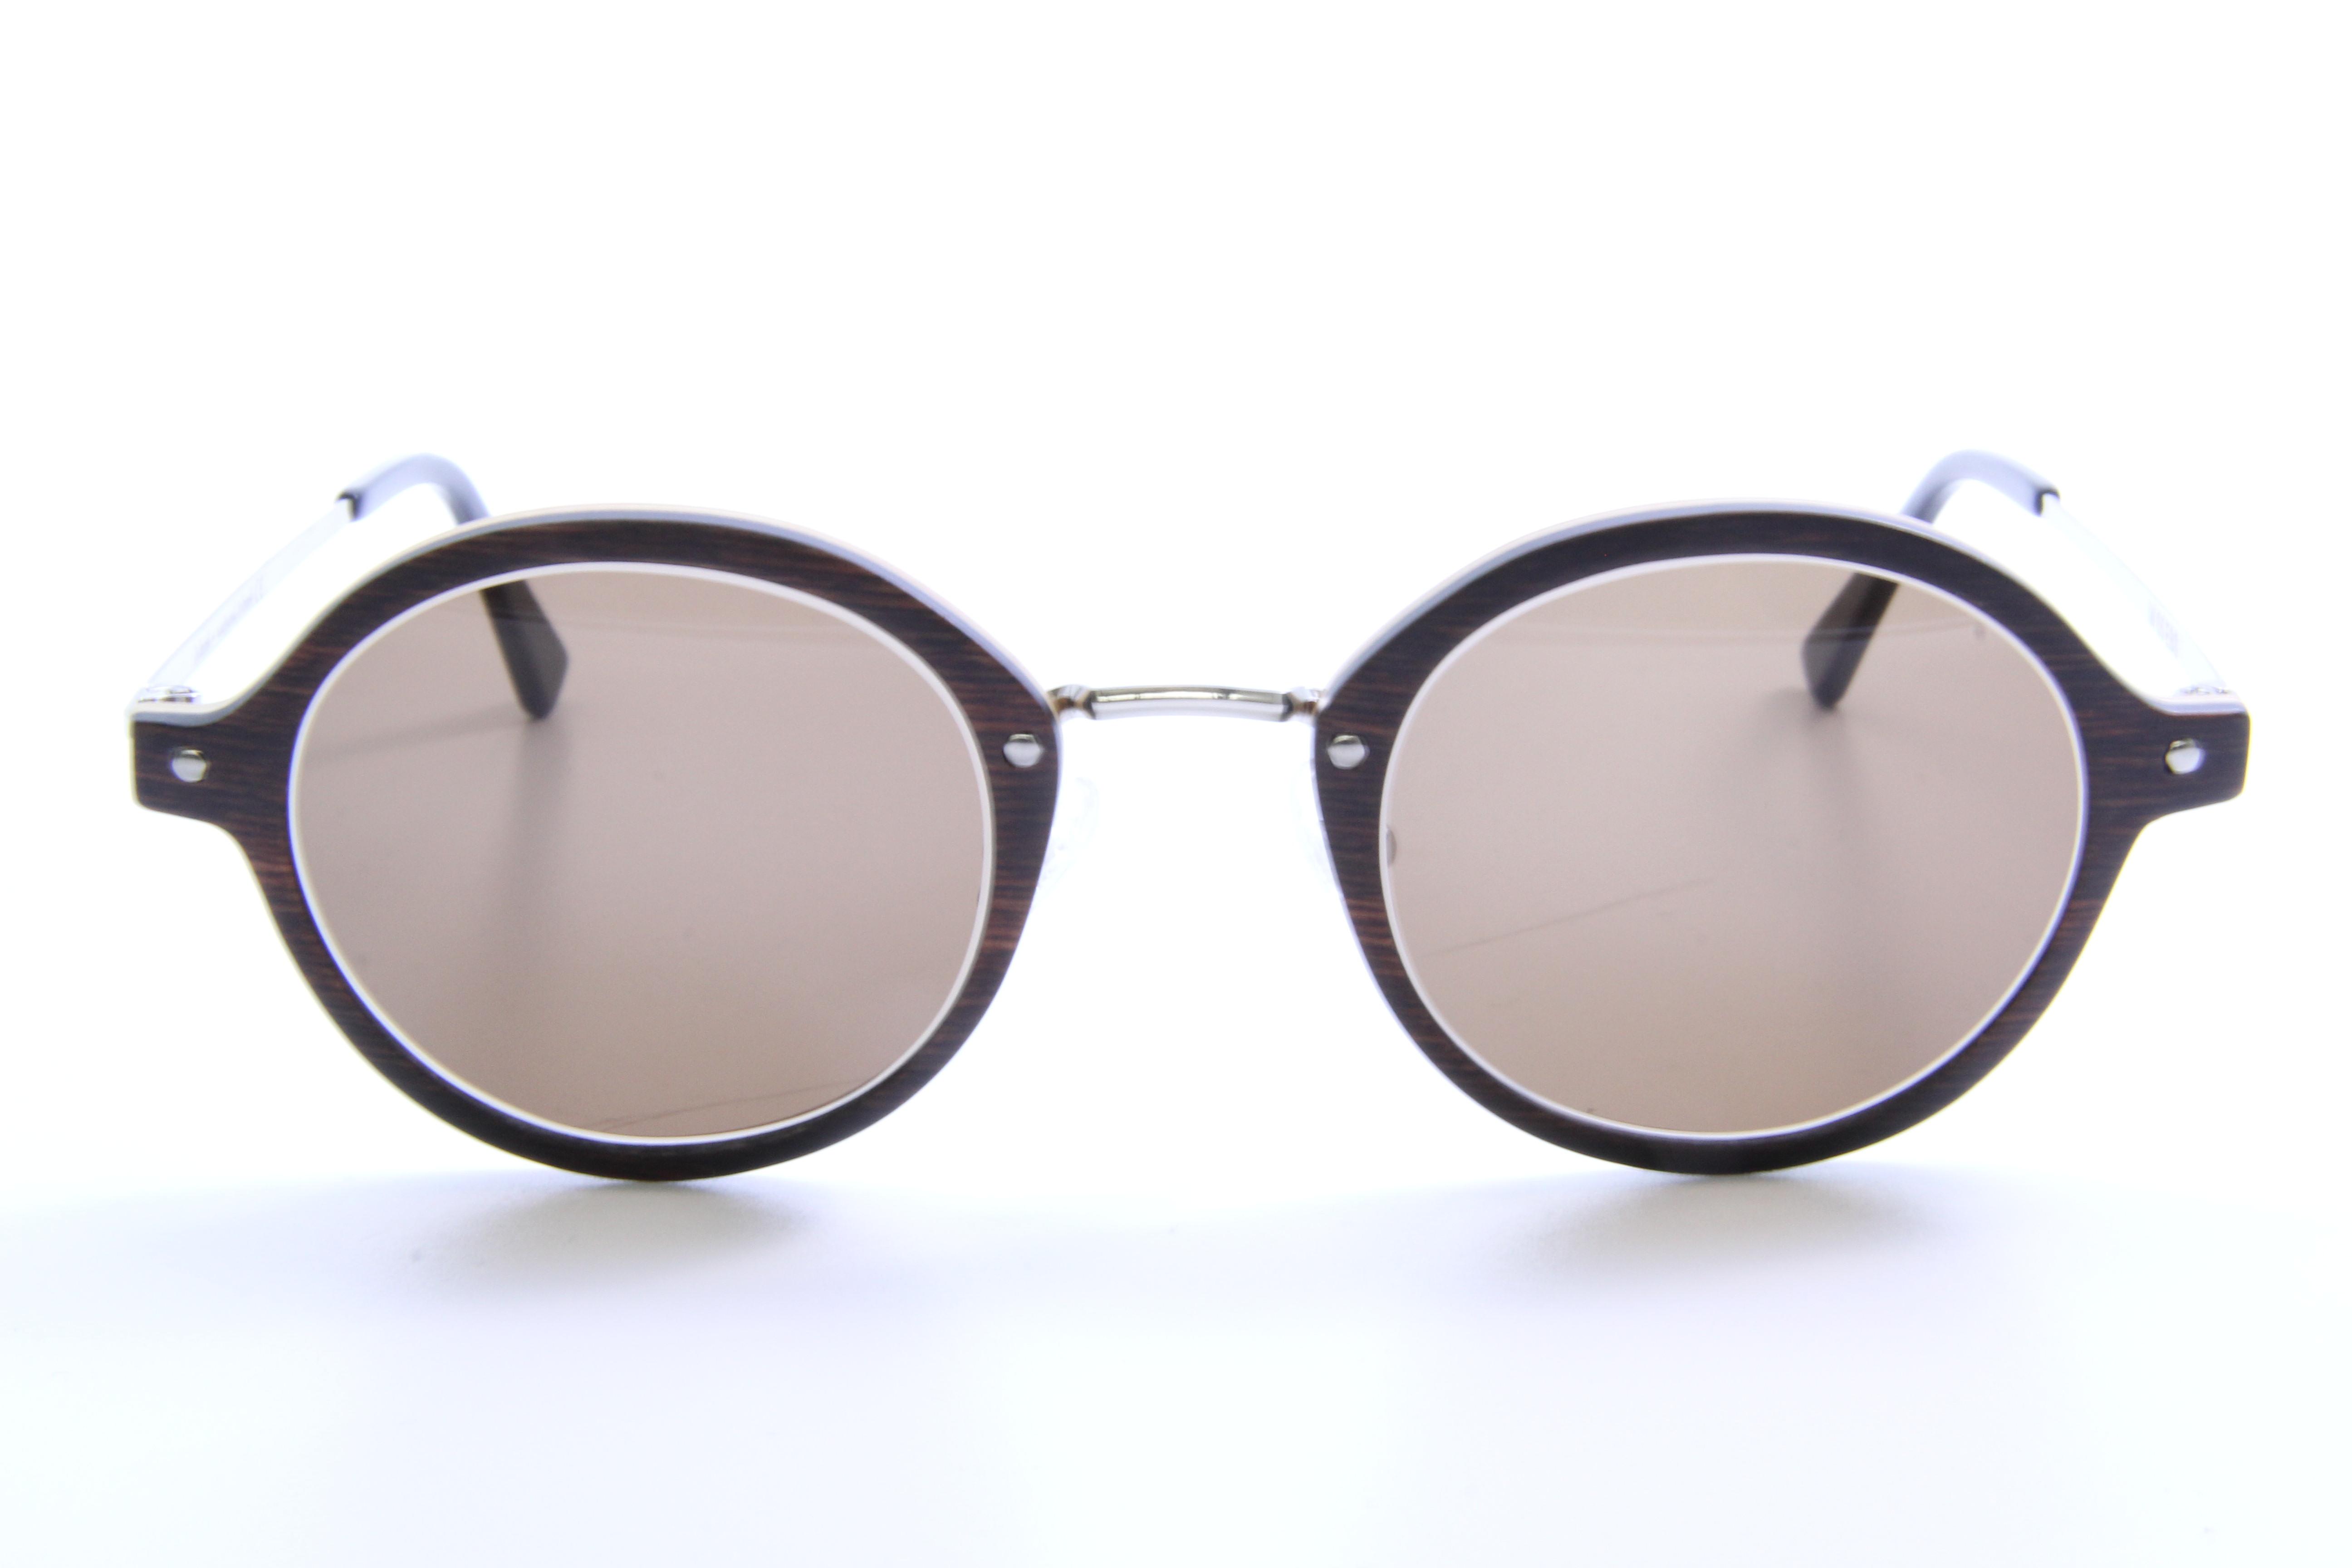 Echtholz iWood – 05 Sonnenbrille - Brillen Lager Verkauf